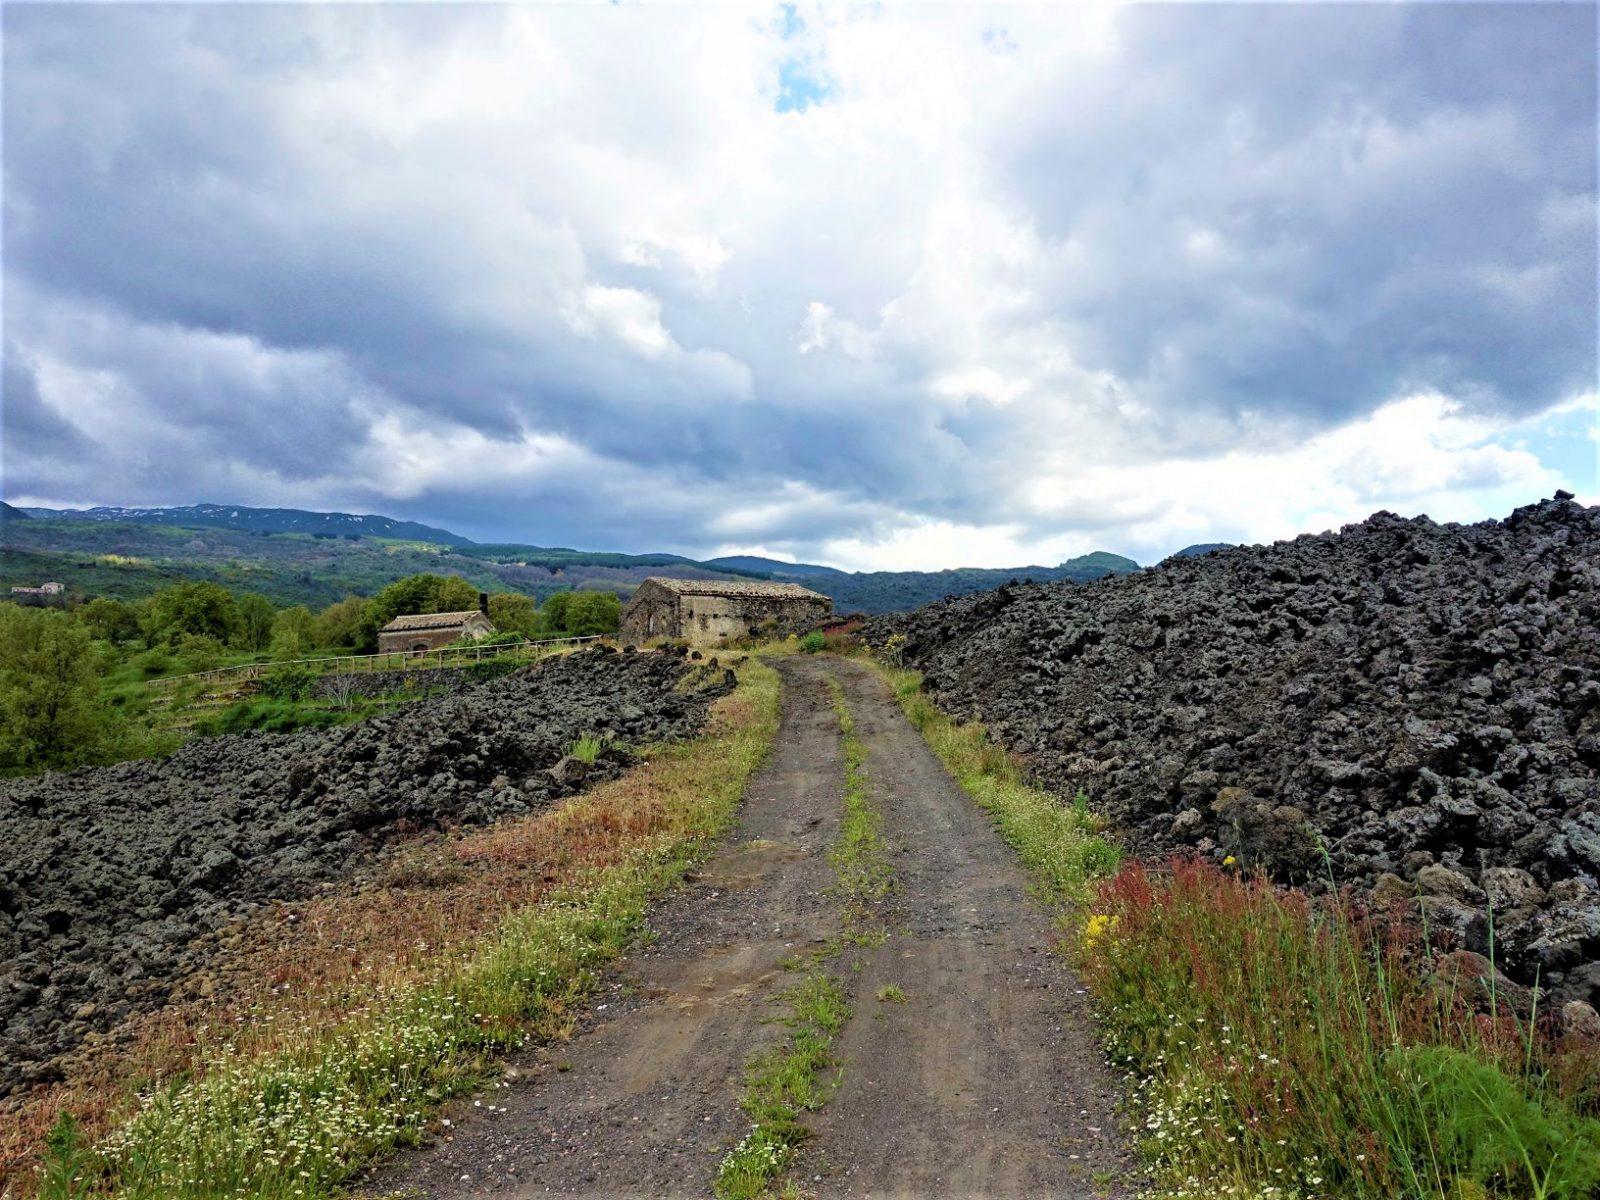 vei opp til vulkanen Etna